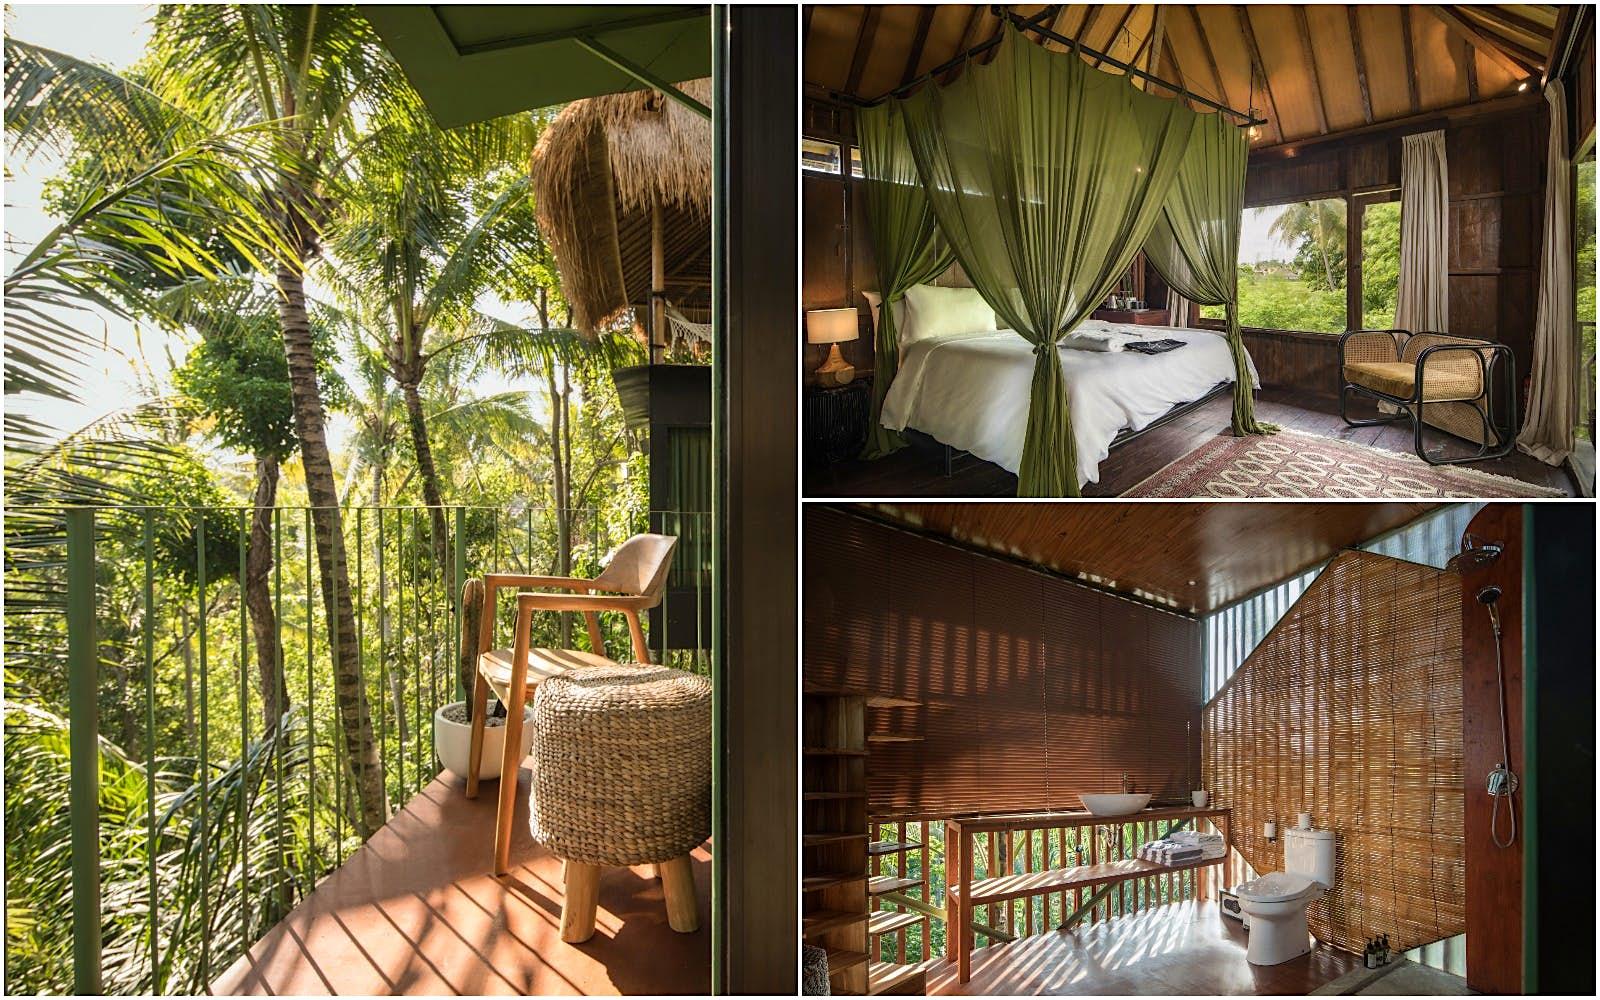 Uma colagem de imagens do interior de uma pousada na copa das árvores em Bali